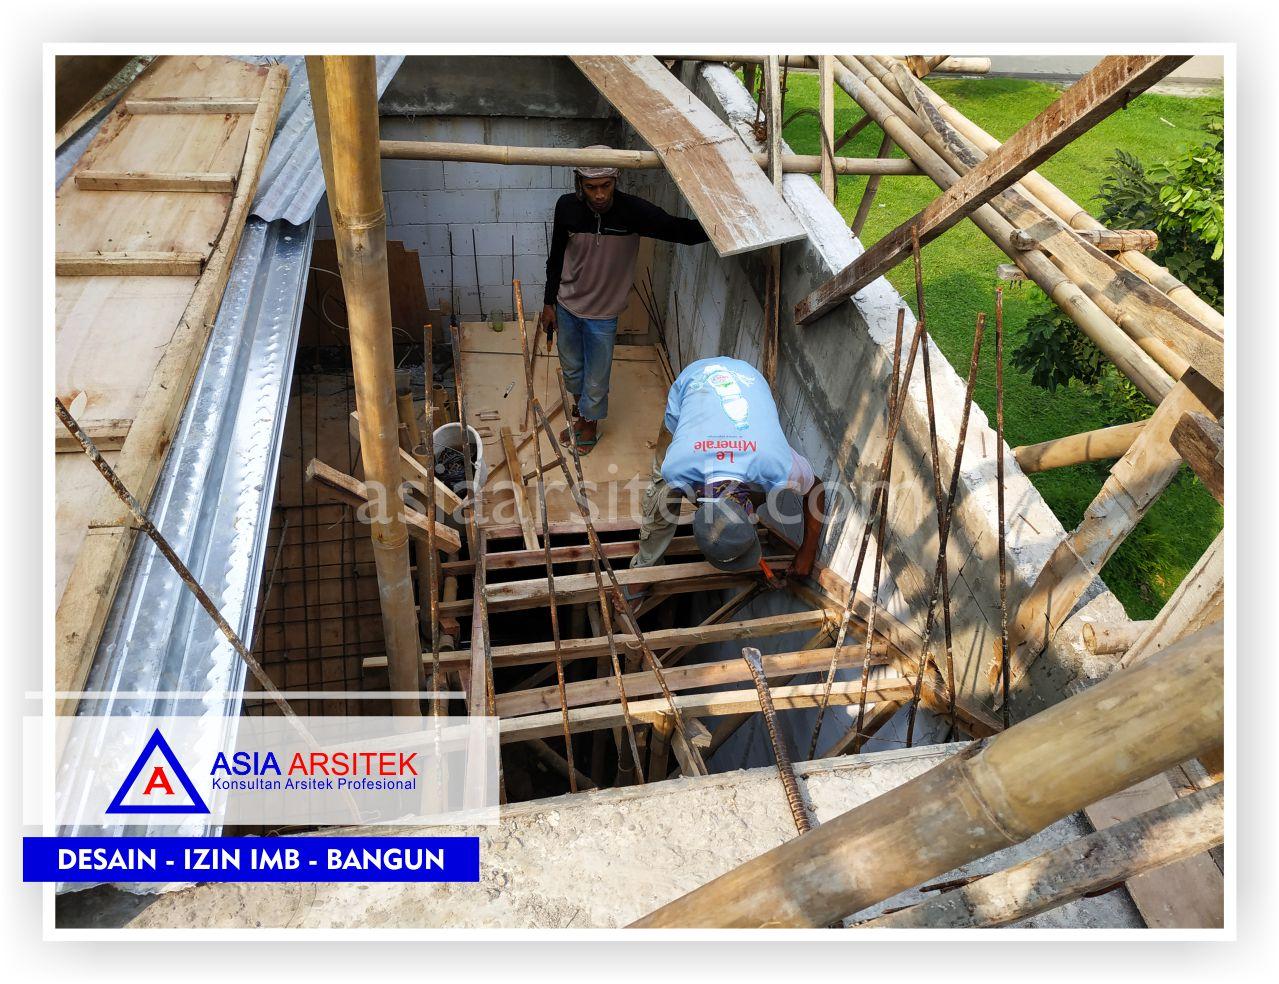 Pengerjaan Kontruksi Tangga Rumah Bpk Hendra Joe - Arsitek Desain Rumah Minimalis Modern Di Tangerang-Jakarta-Bogor-Bekasi-Bandung-Jasa Konsultan Desain Arsitek Profesional (1)